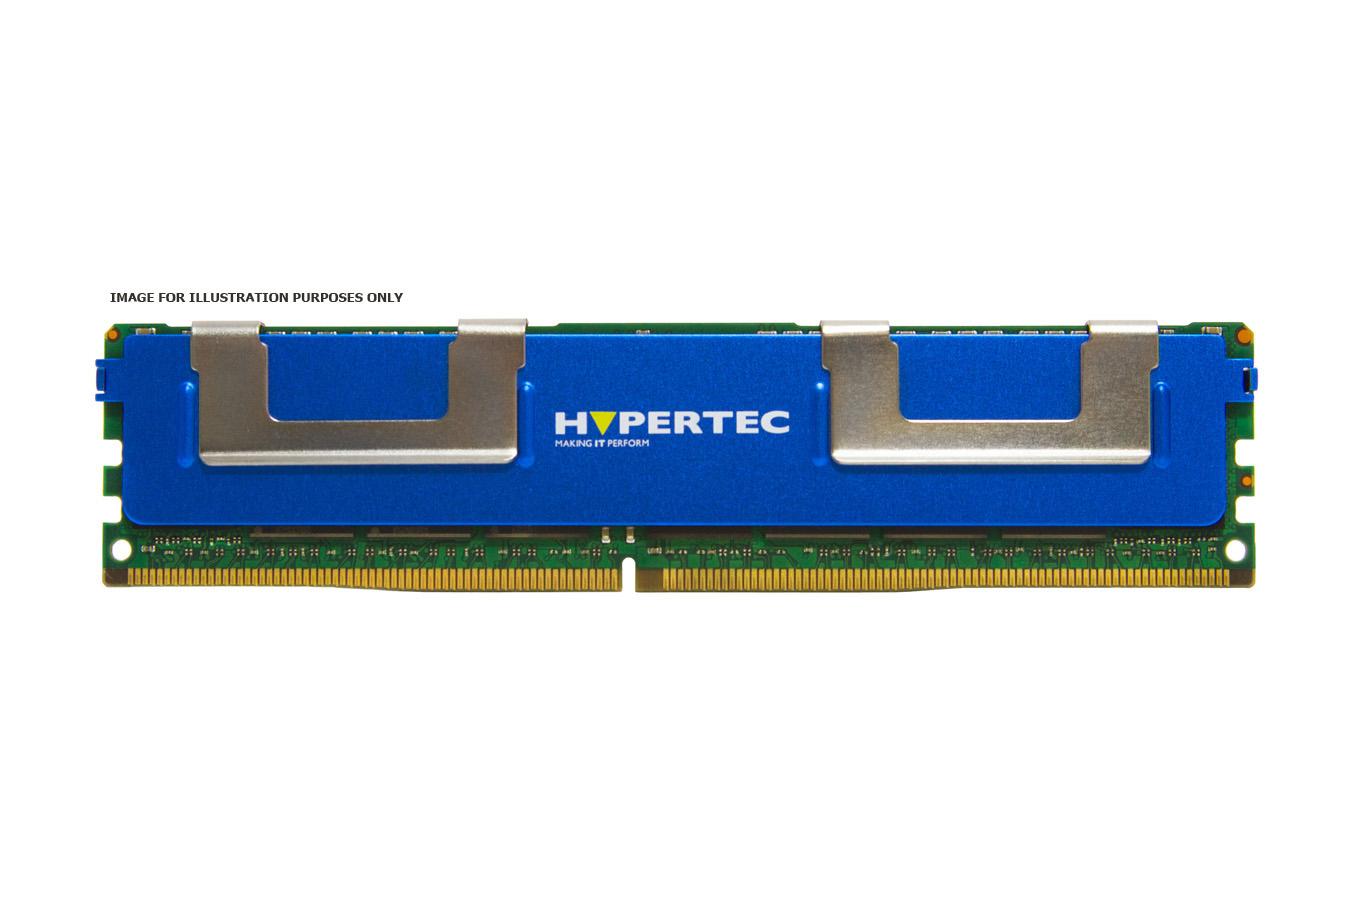 Hypertec 49Y3693-HY (Legacy) memory module 2 GB 1 x 2 GB DDR3 1333 MHz ECC